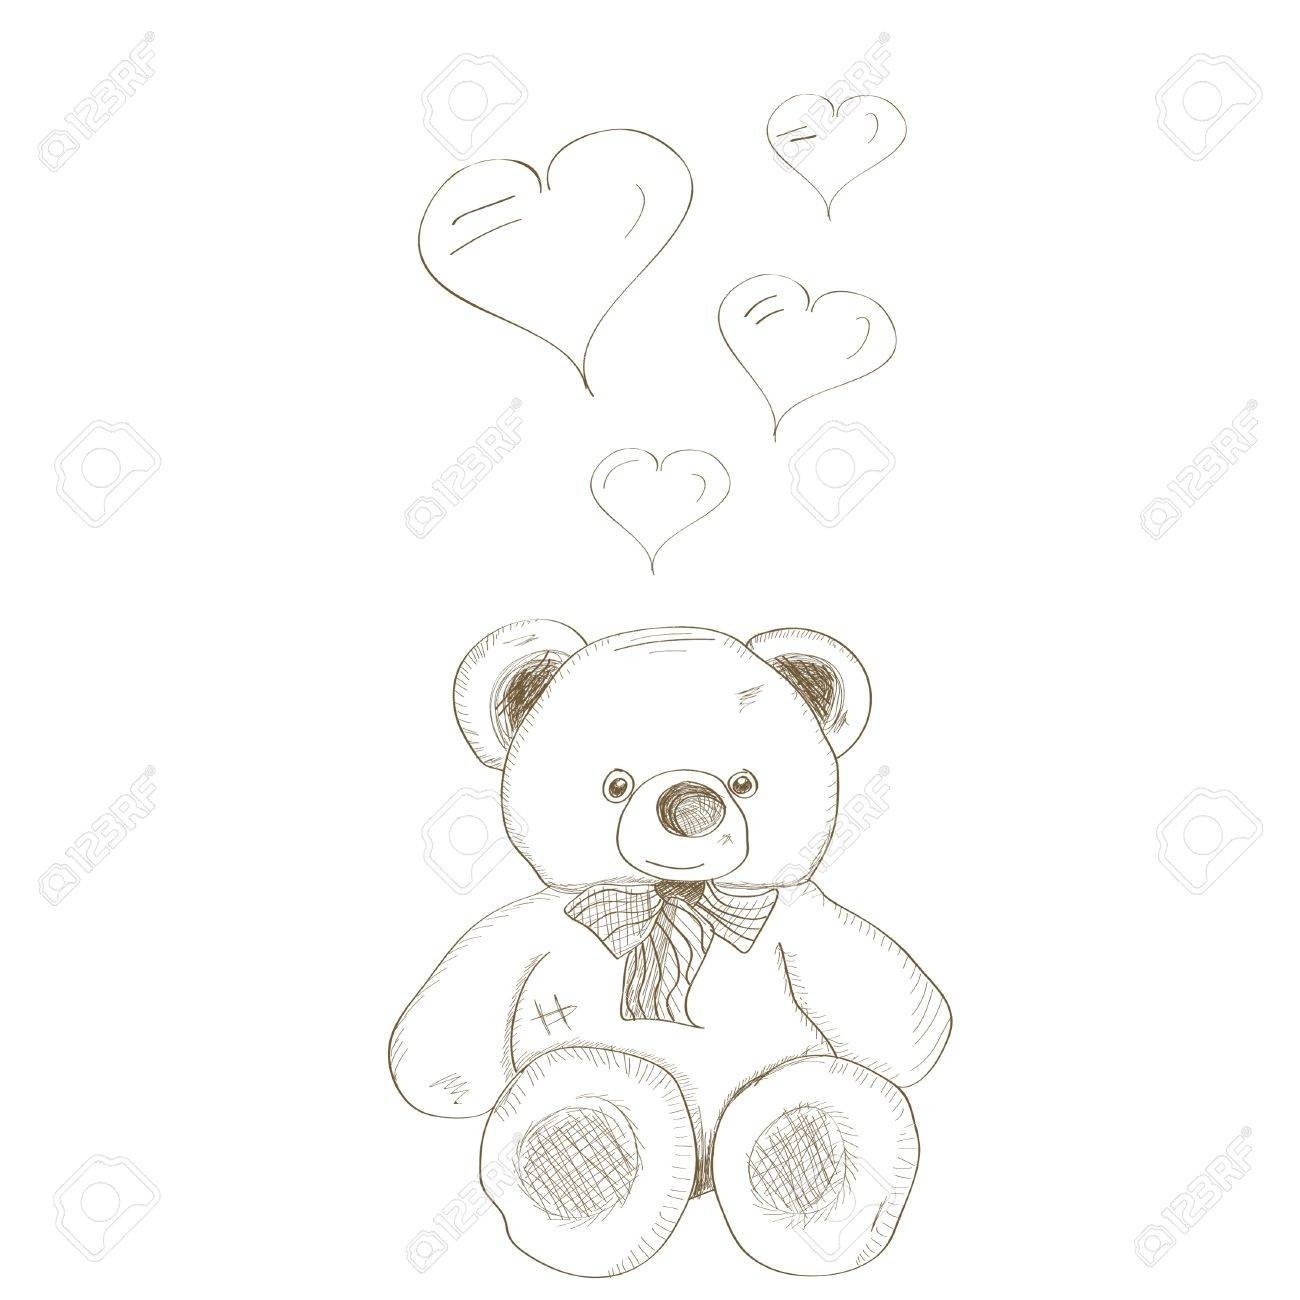 Herz bilder gezeichnet